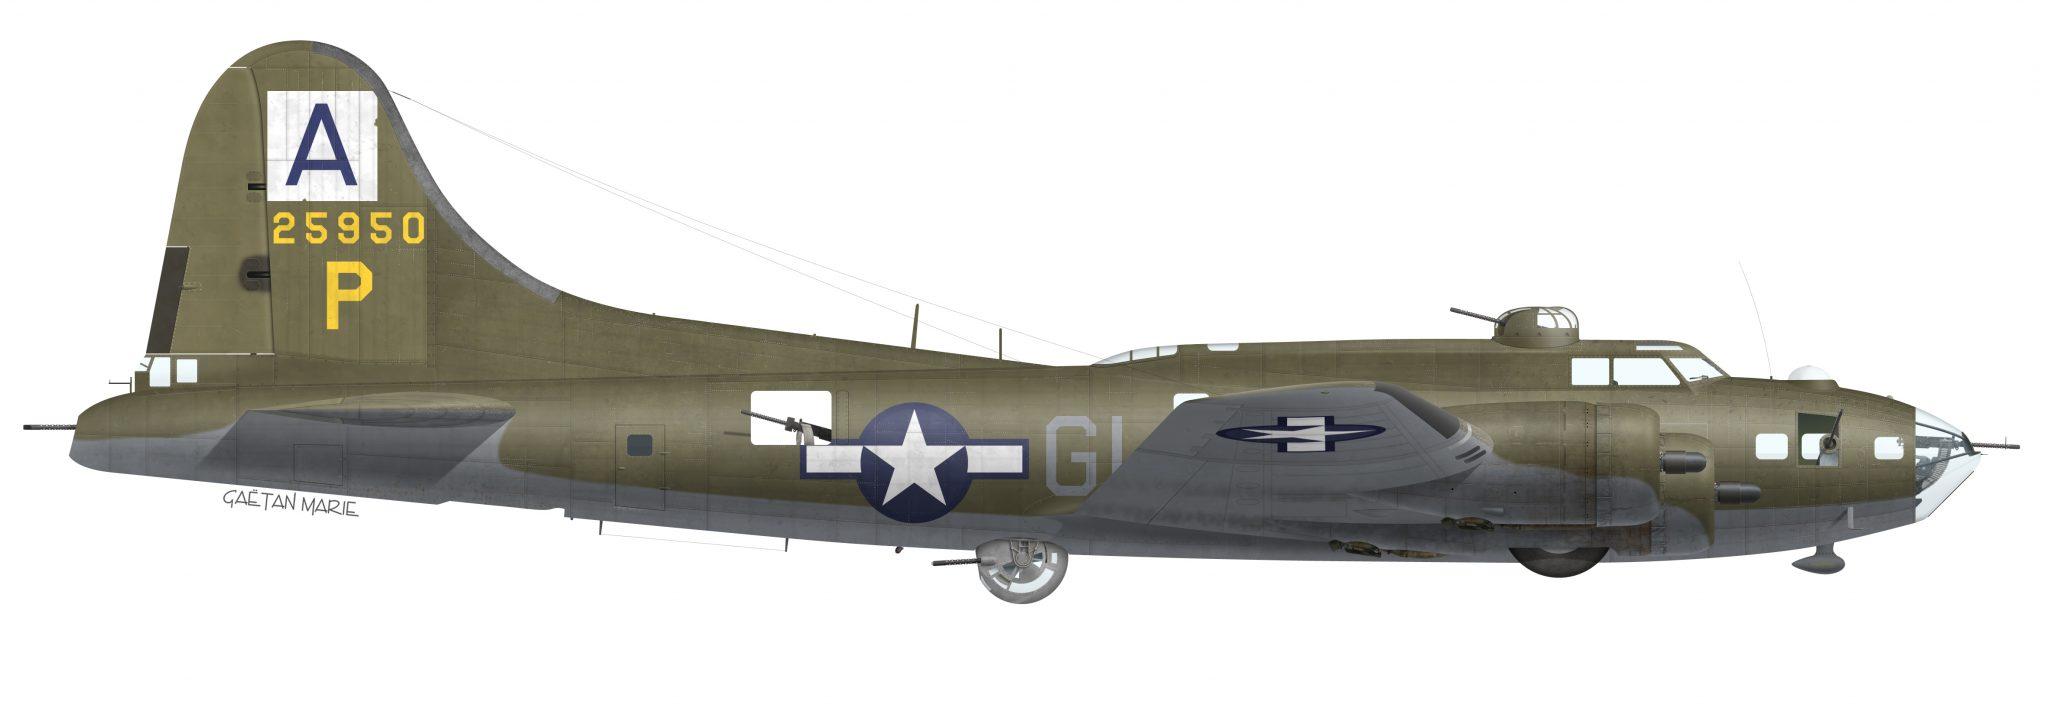 USAAF, B-17F-35-VE 42-5950, Peters Pride, 410 BS, 94 BG, 1943